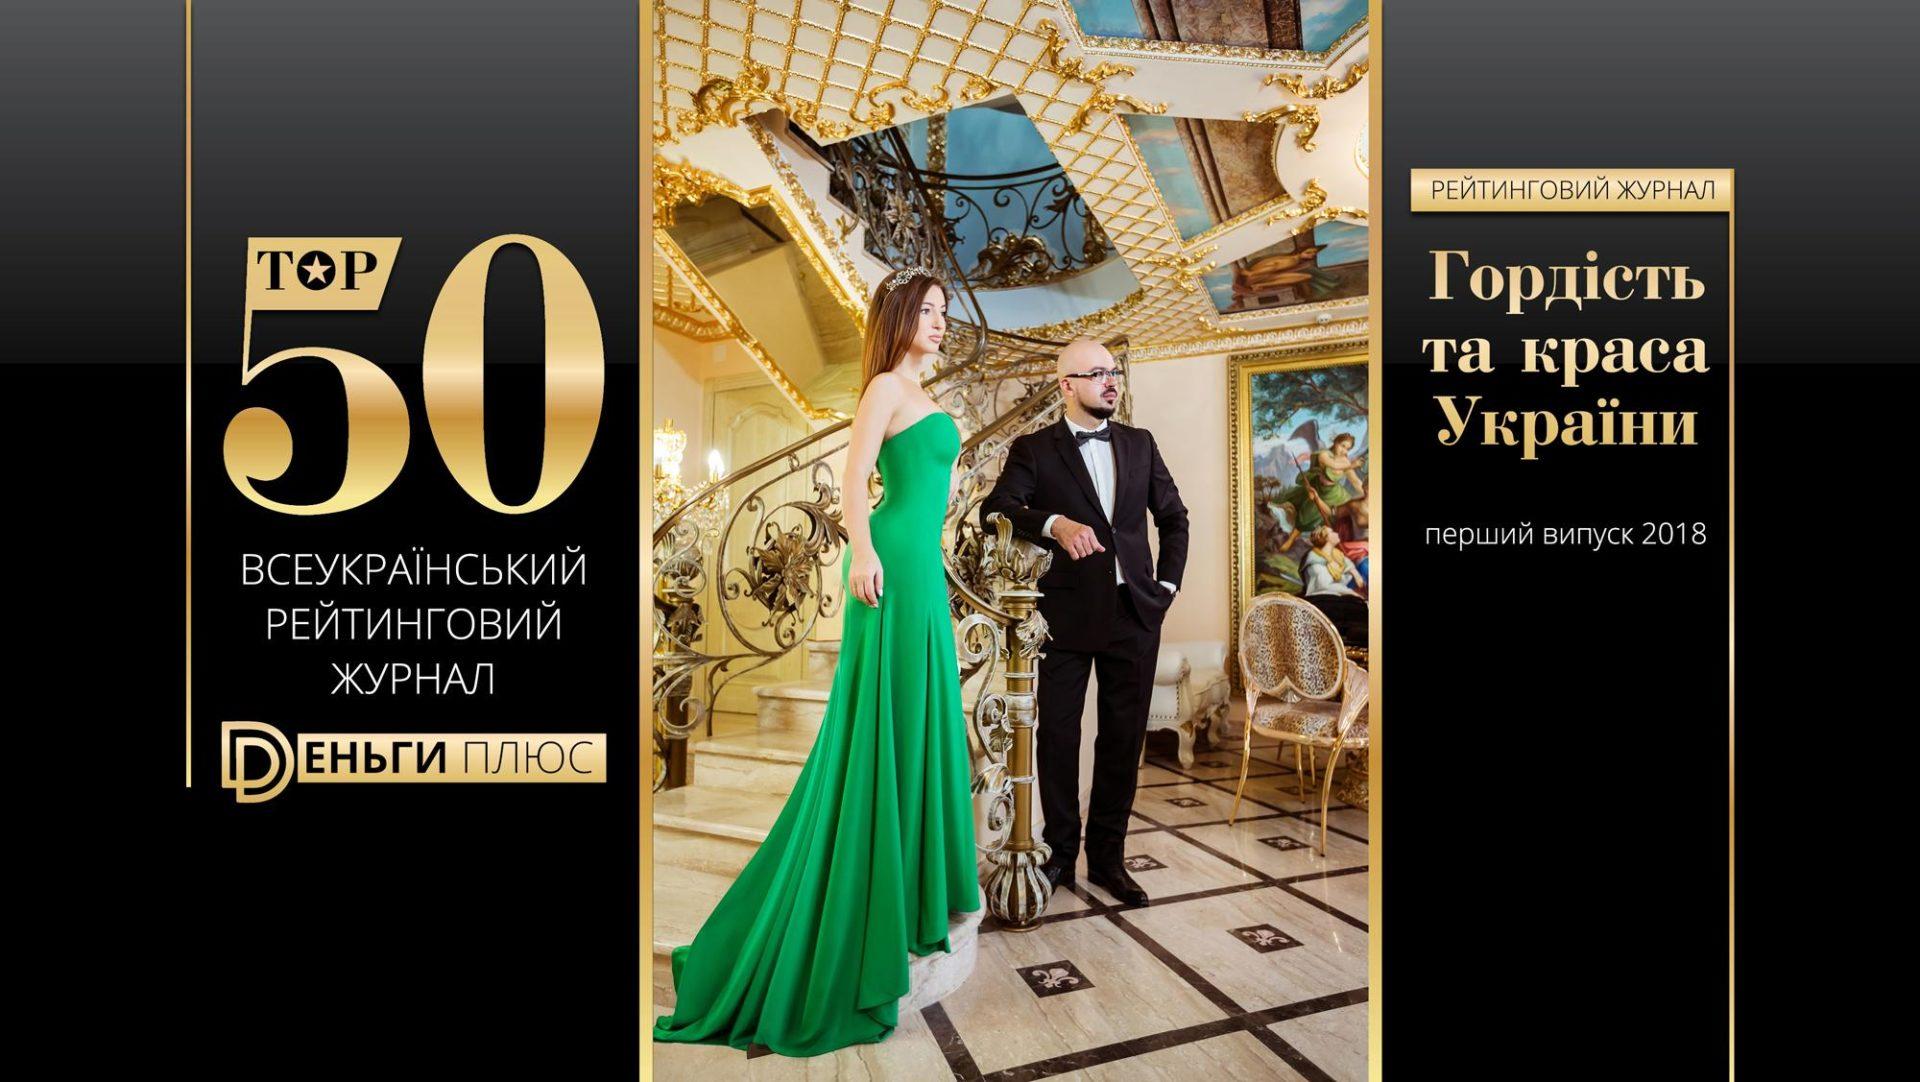 Деньги Плюс Топ-50: Гордість та краса України